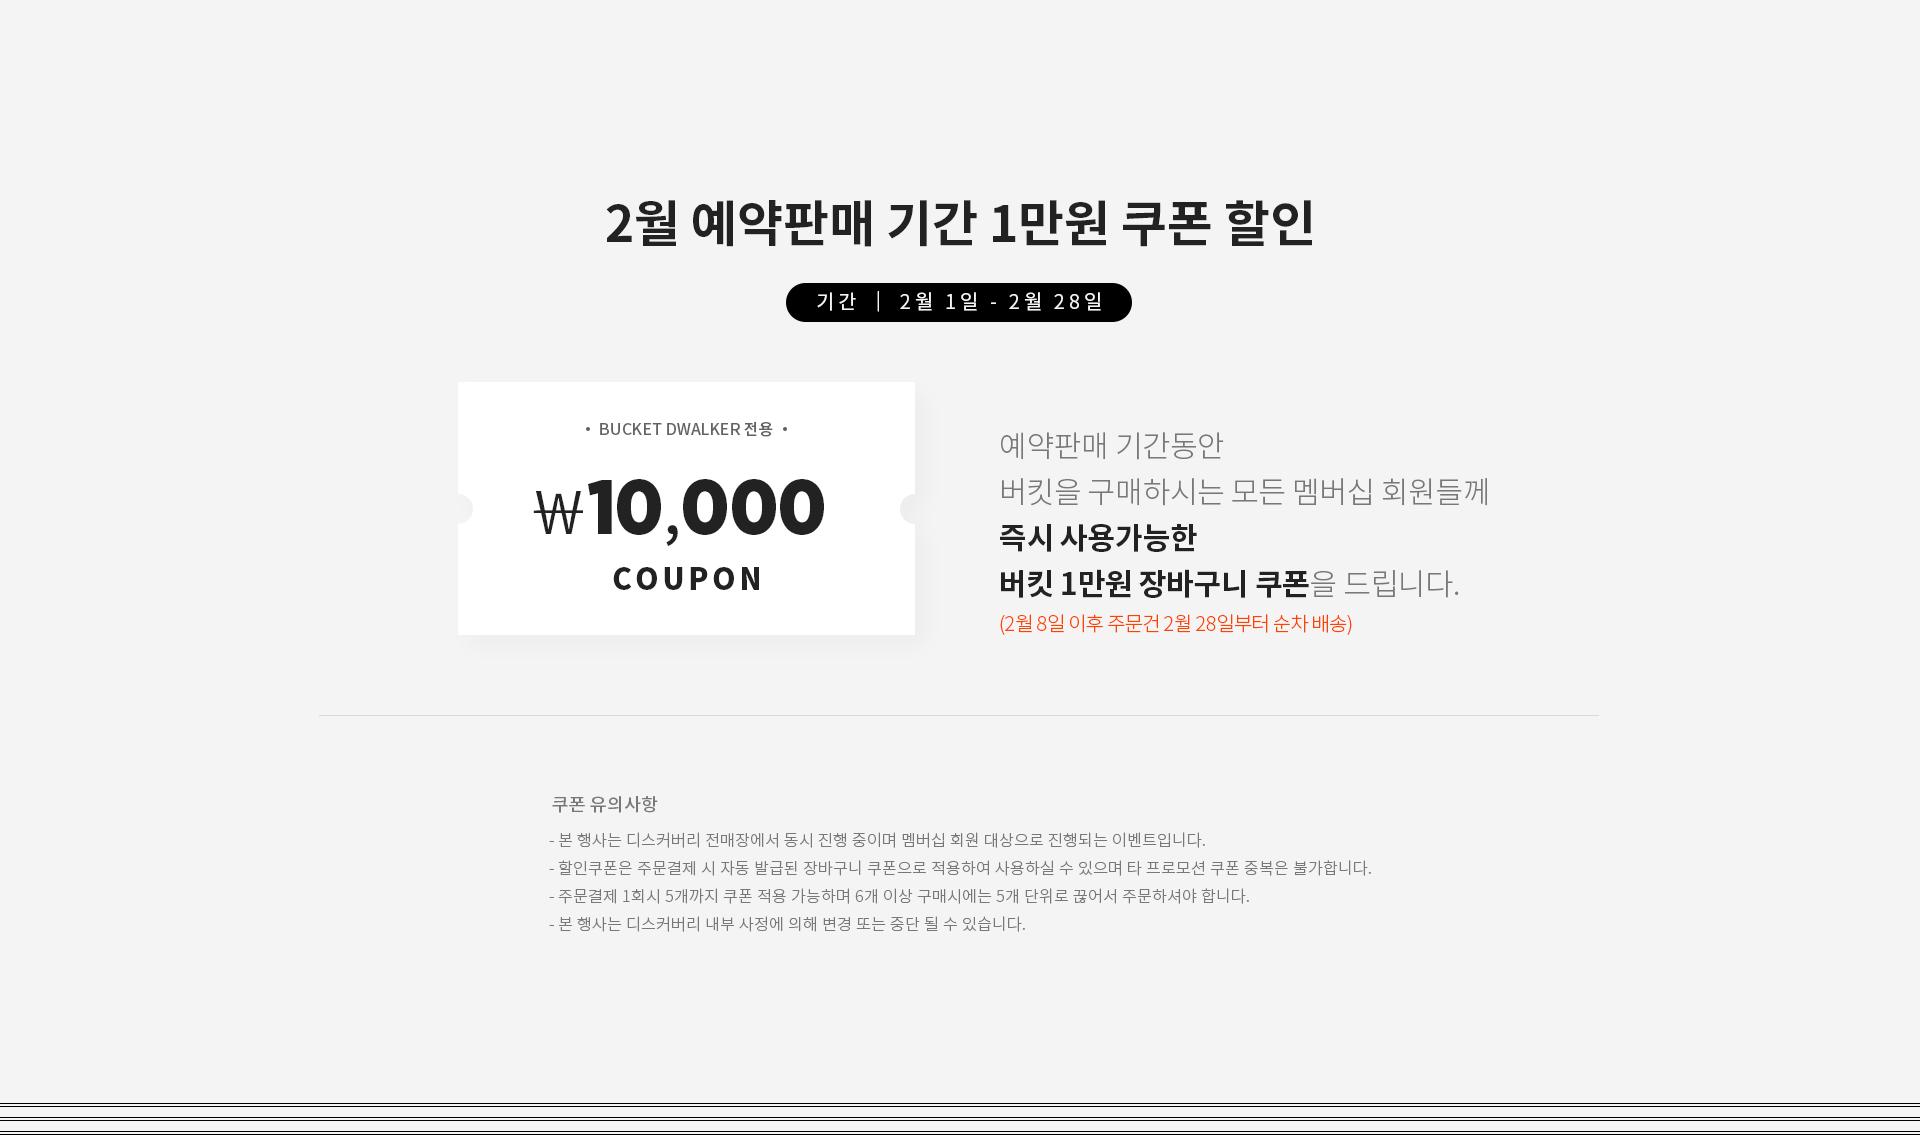 2월 예약판매 기간 1만원 쿠폰 할인